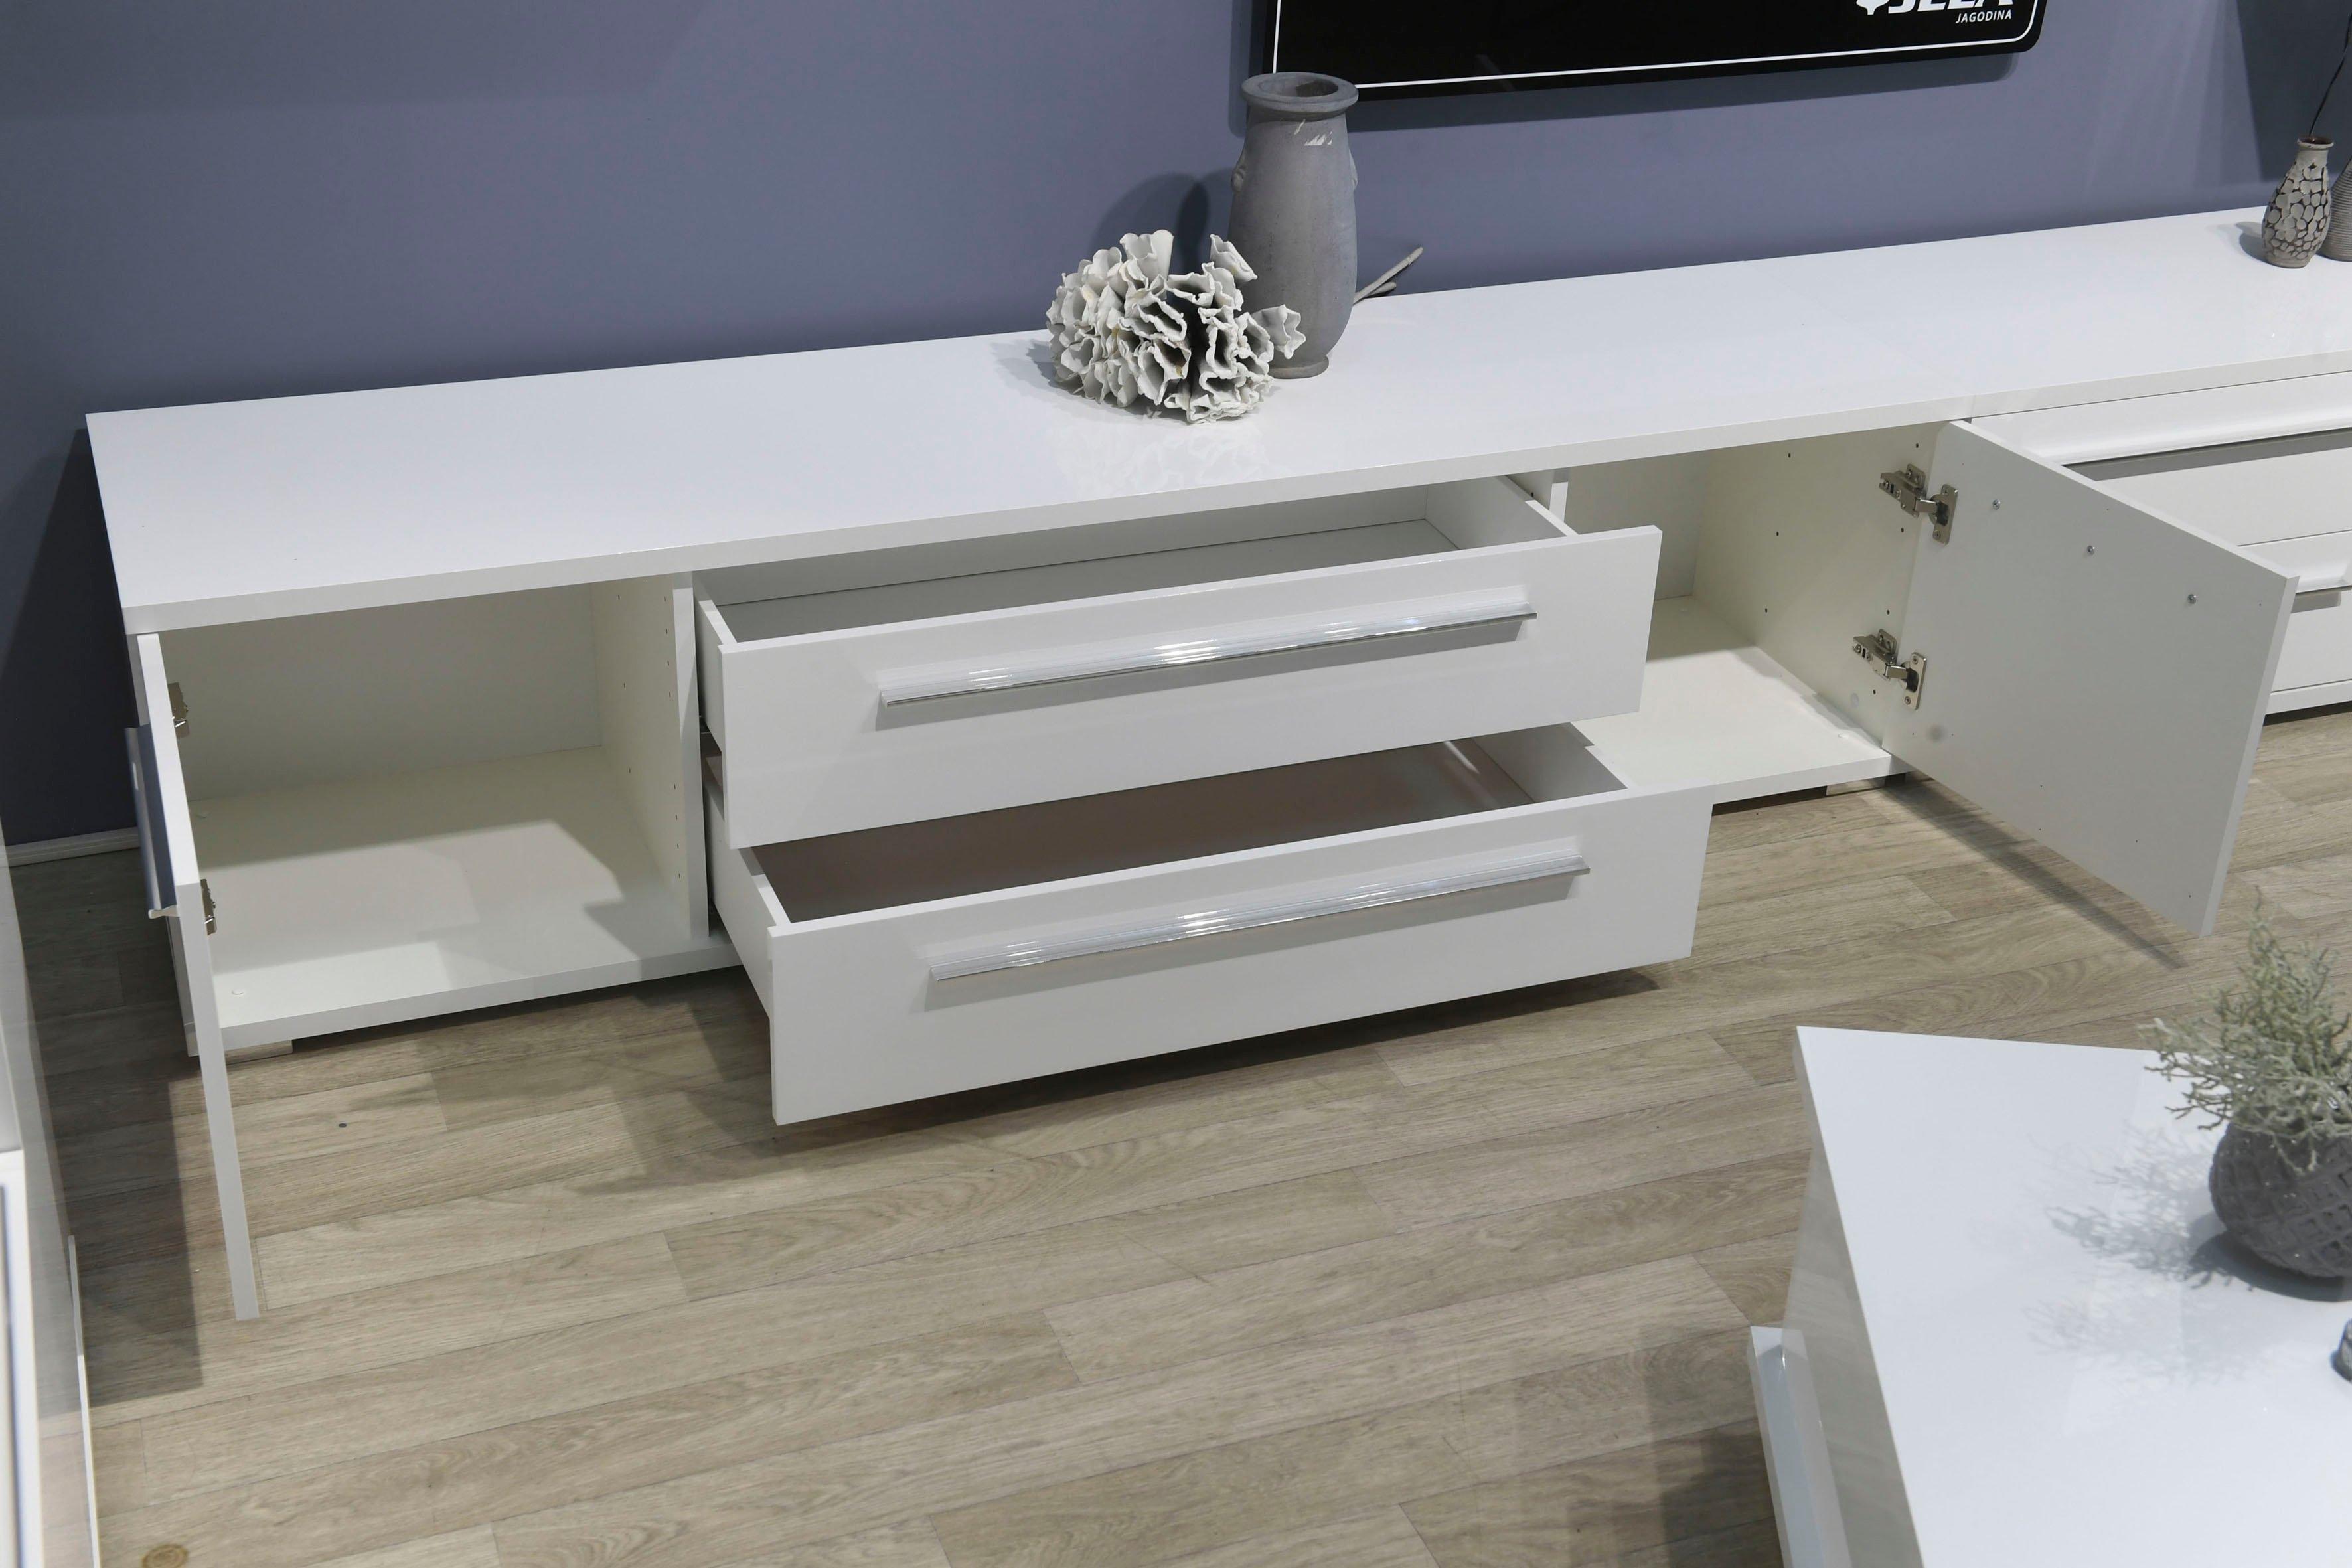 Places of Style tv-meubel Piano UV gelakt, met soft close-functie - gratis ruilen op otto.nl